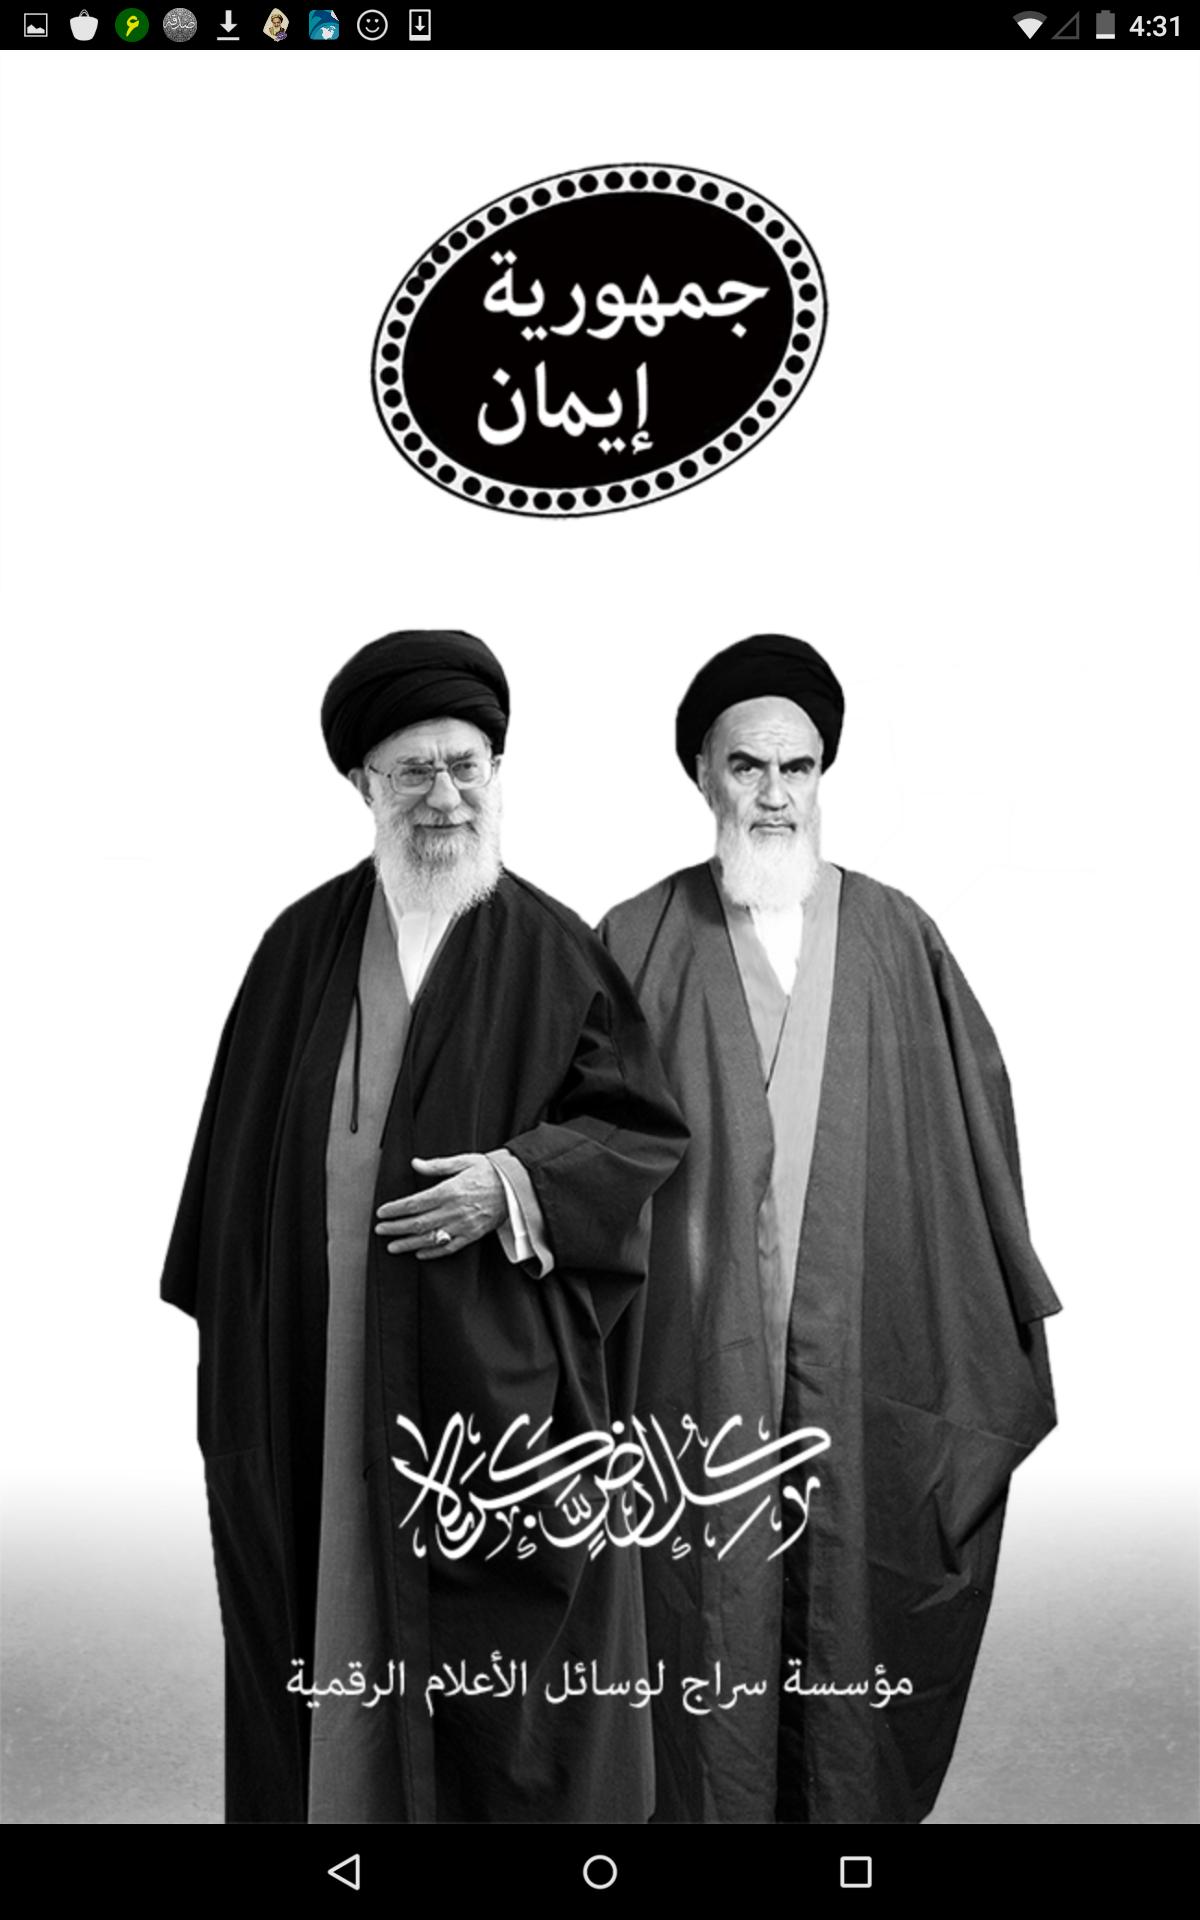 جمهوری ایمان (عربی، اردو، انگلیسی)